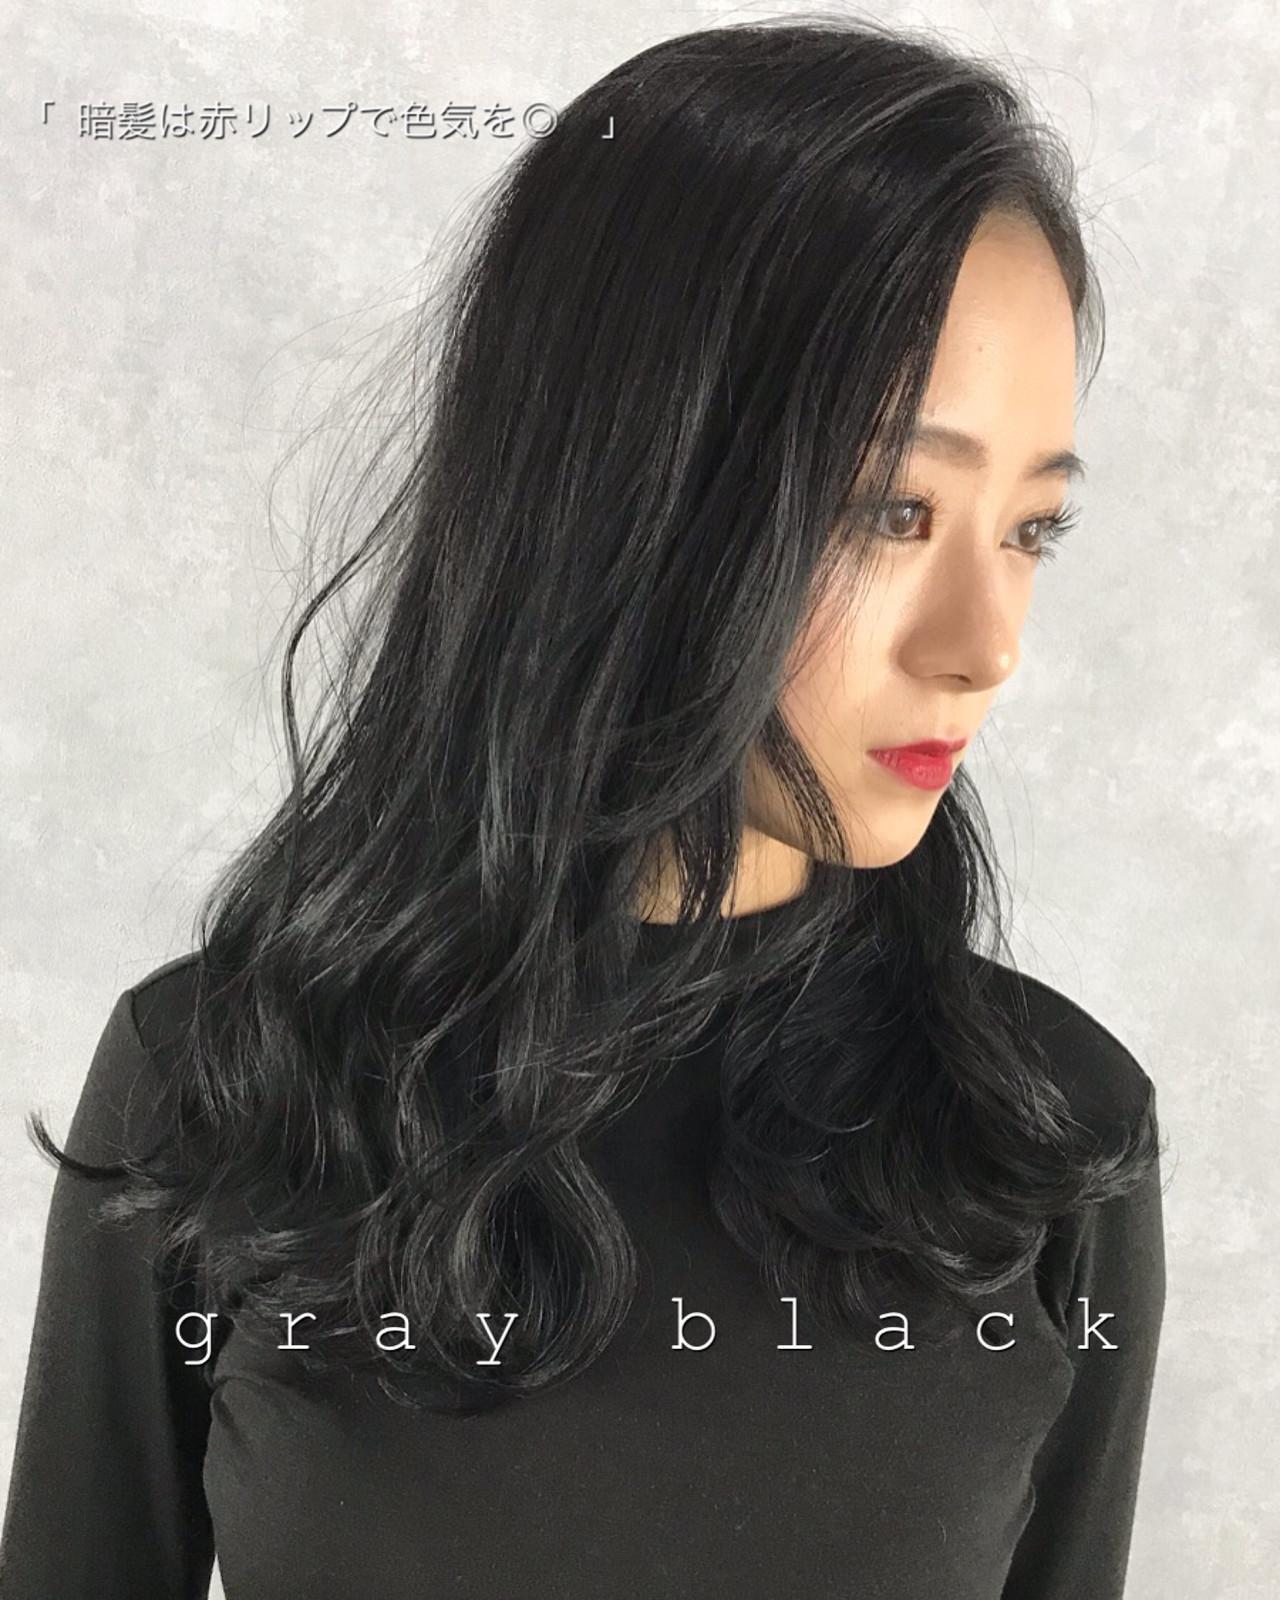 グレージュ ネイビー アッシュグレージュ ブルーブラック ヘアスタイルや髪型の写真・画像